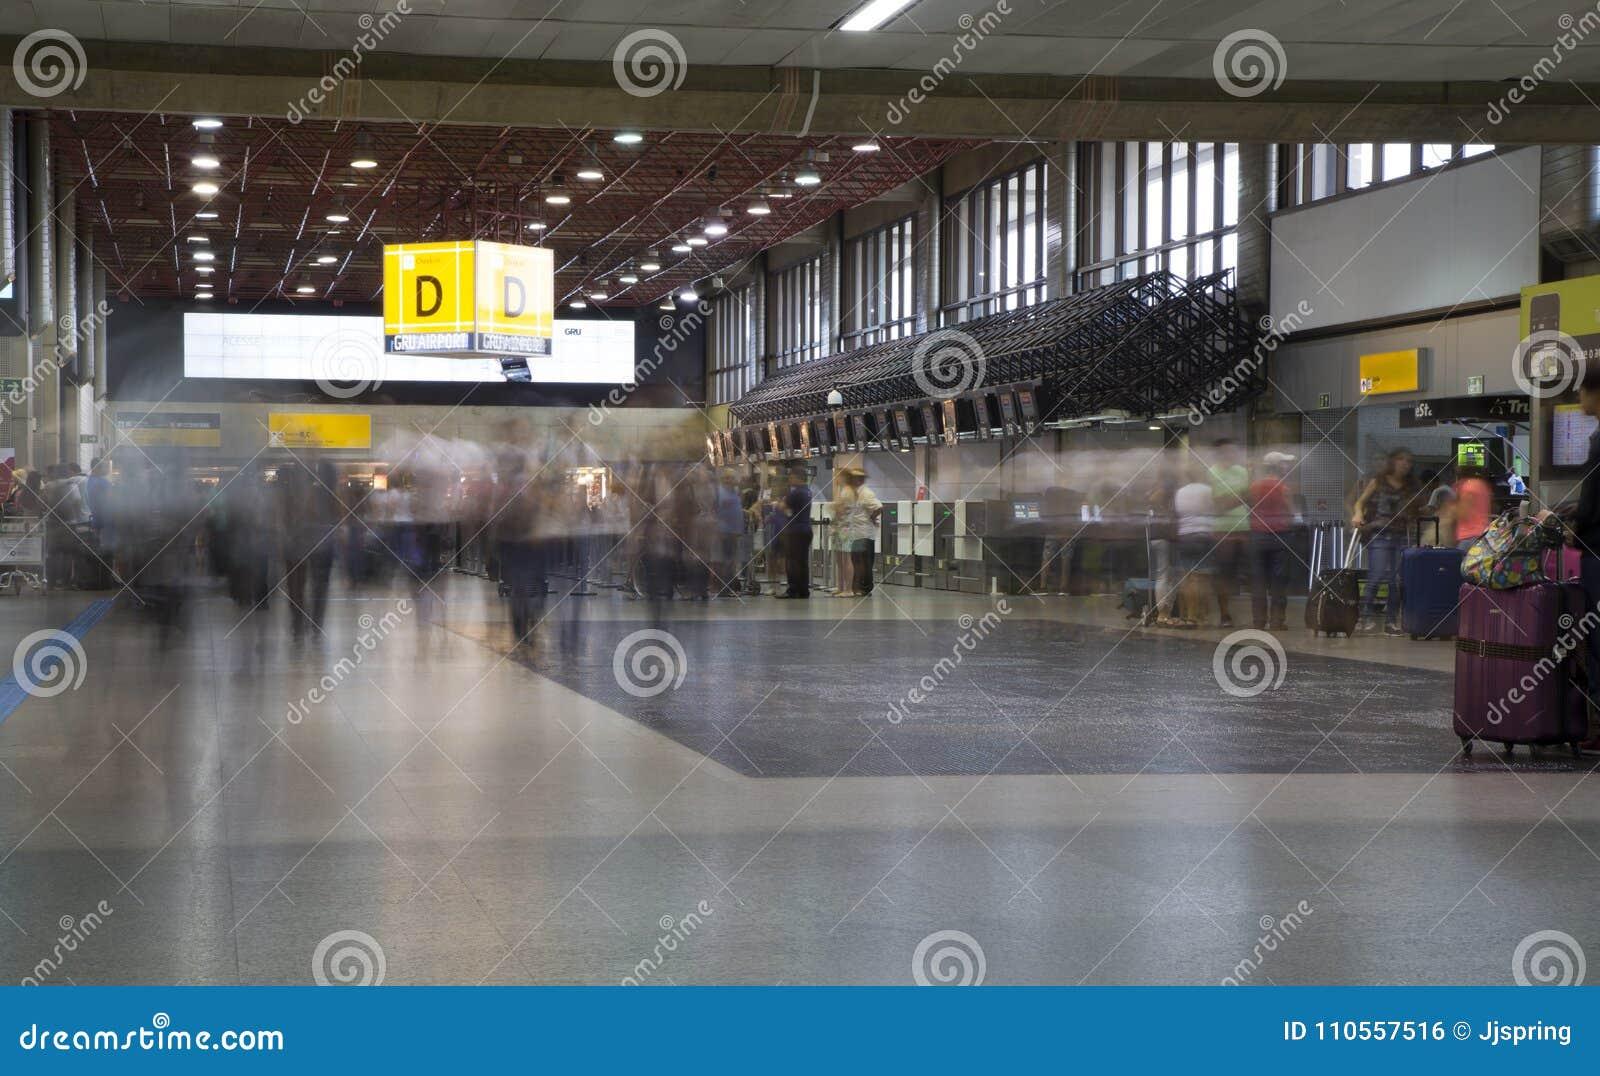 Aeroporto Gru : Aeroporto interno di gru del salotto di partenza a sao paulo